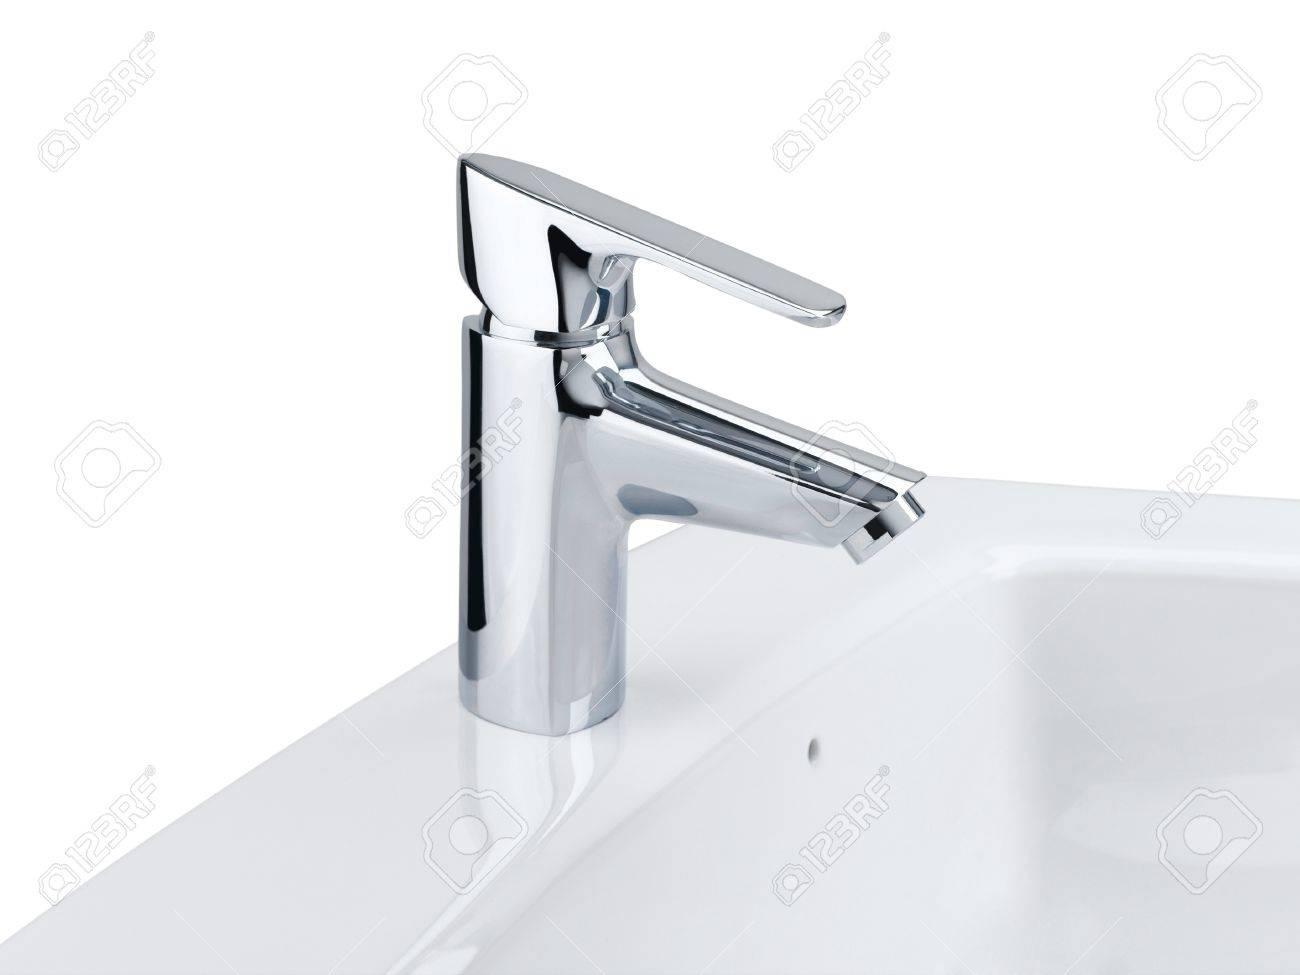 Schones Design Der Verchromten Wasserhahn Und Weisse Waschbecken